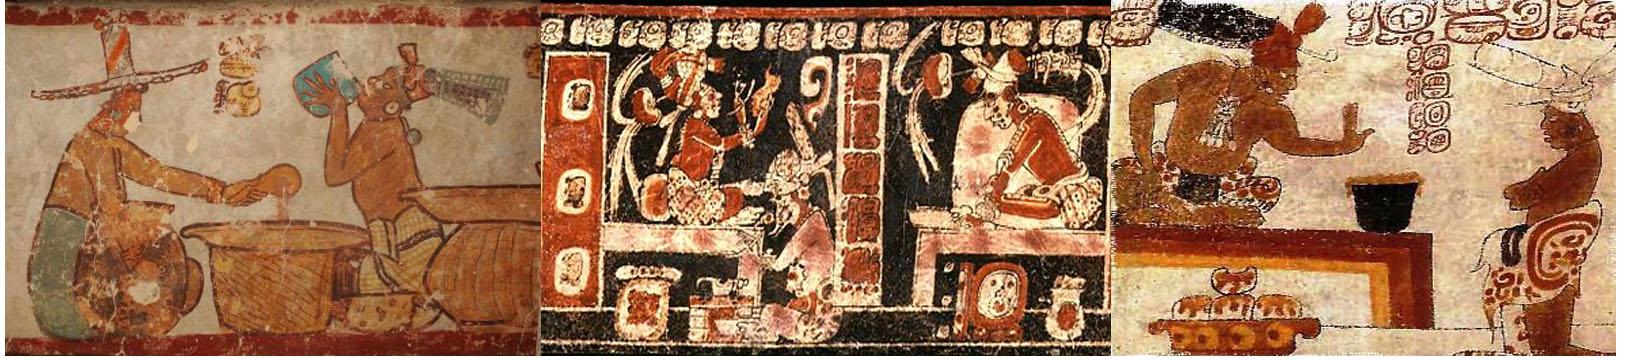 Imágenes antiguas sobre los ritos incas y mayas del chocolate.